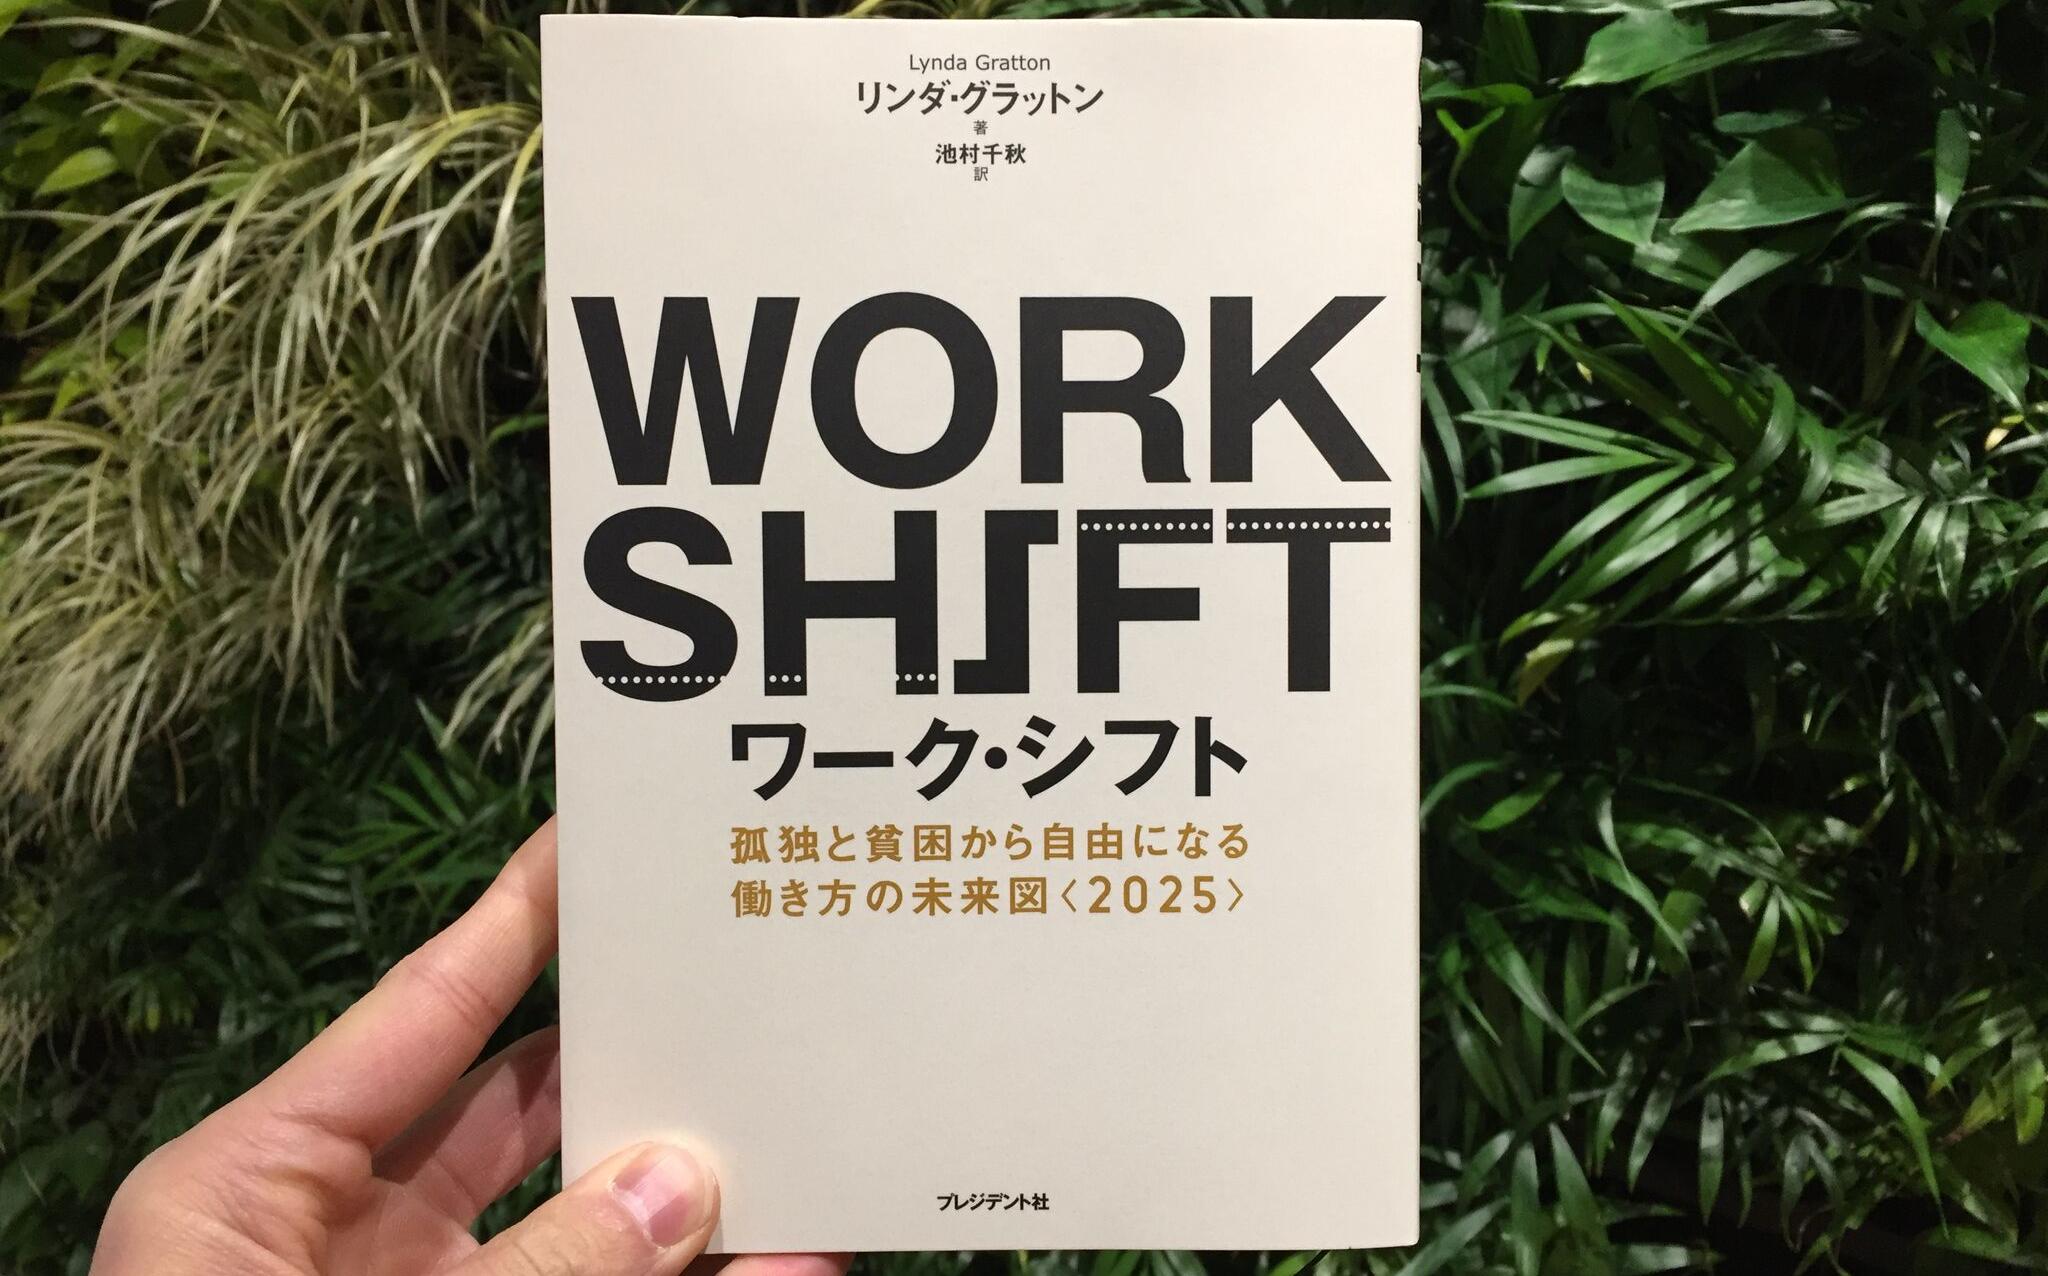 本『ワーク・シフト』働き方を改革するポイント3つ